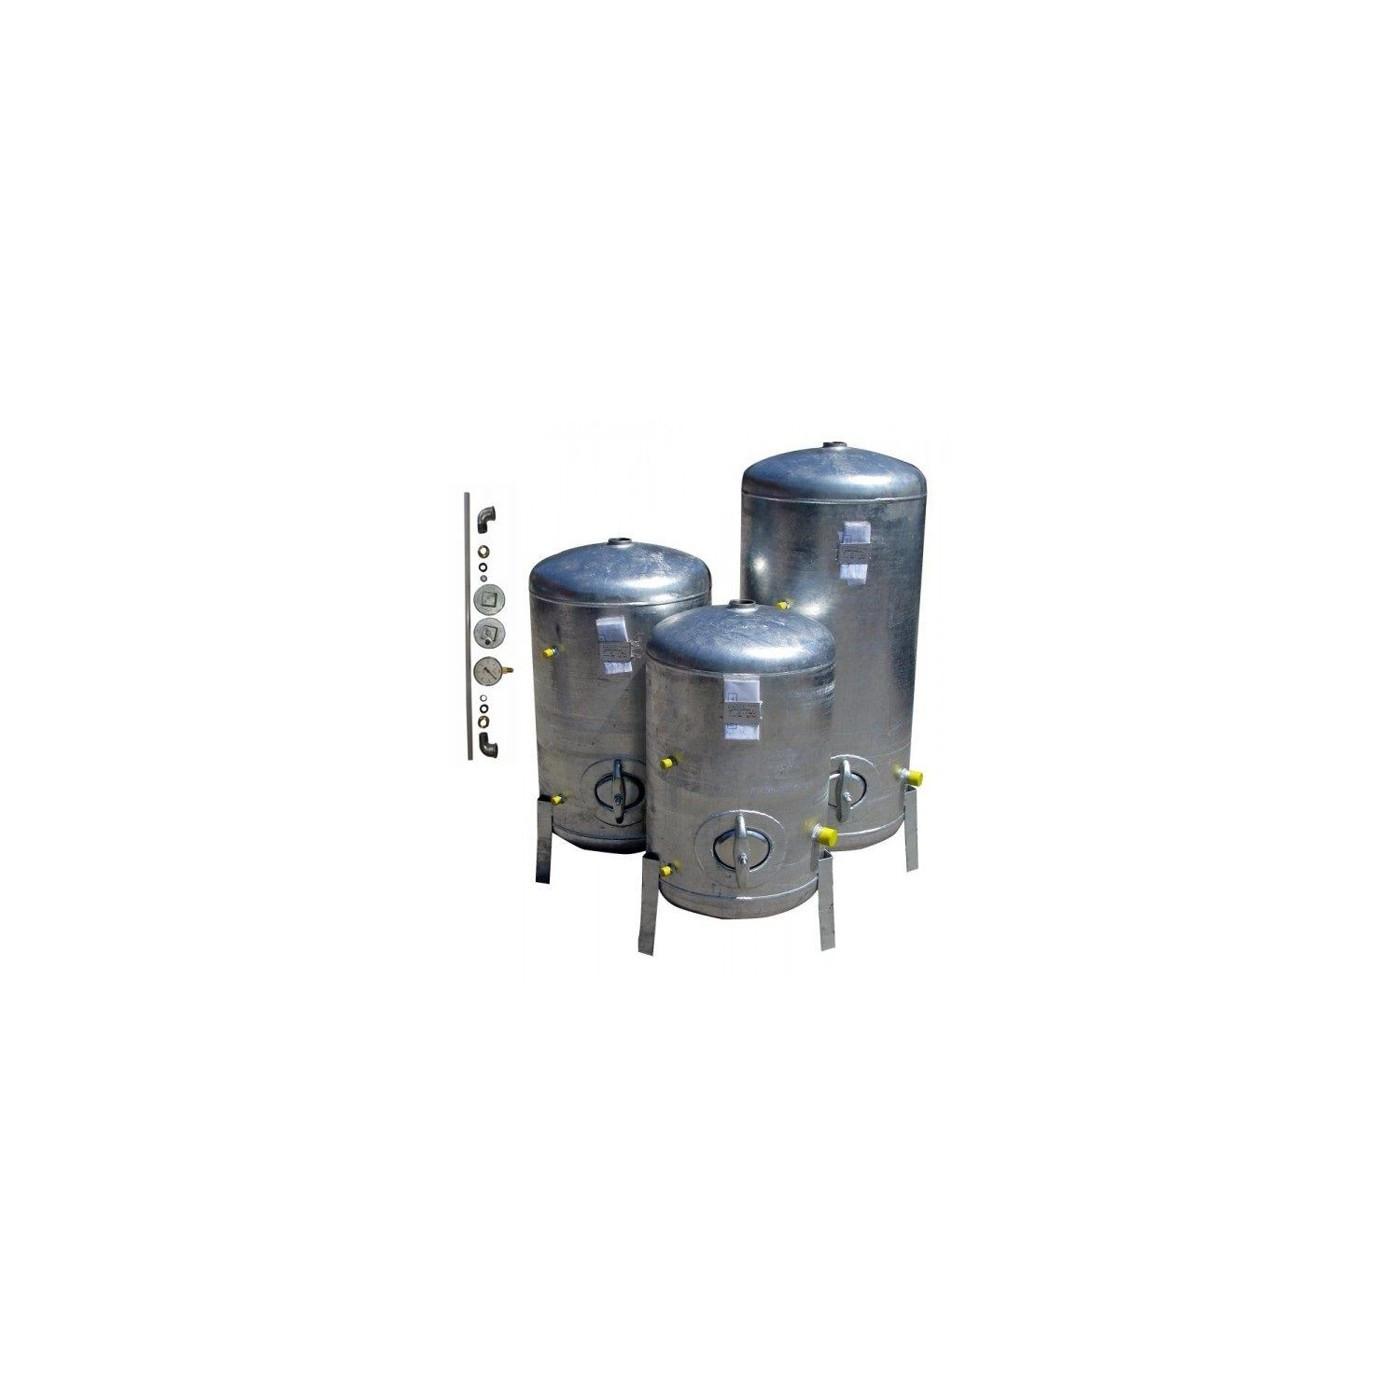 Druckbehälter 150L bis 300L Zubehör 6 bar senkrecht verzinkt  2,5 mm Dicke Druckkessel für Hauswasserwerk senkrecht